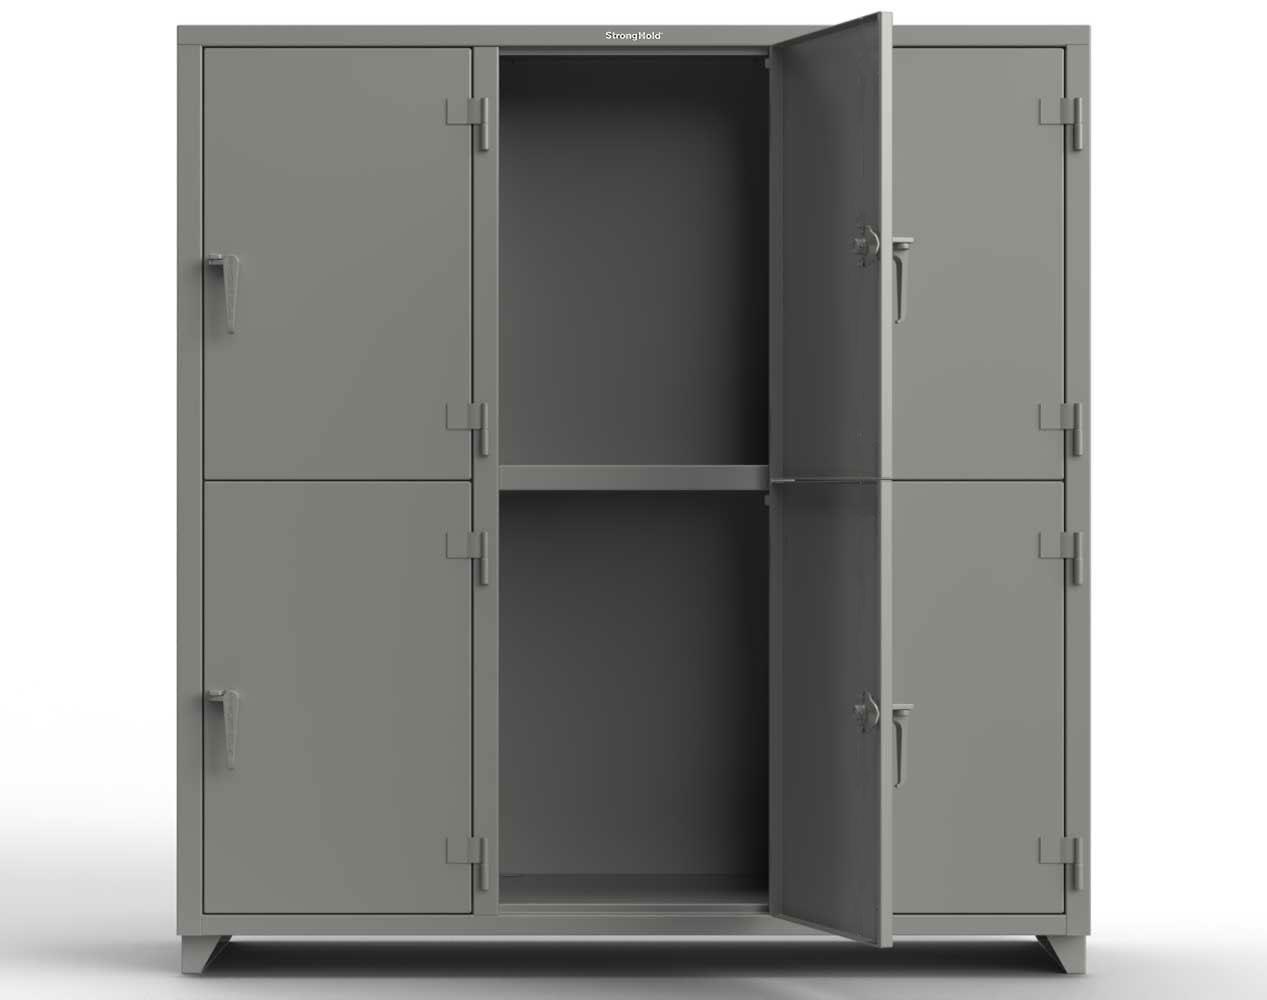 Extra Heavy Duty 14 GA Double-Tier Locker, 6 Compartments – 72 in. W x 24 in. D x 75 in. H